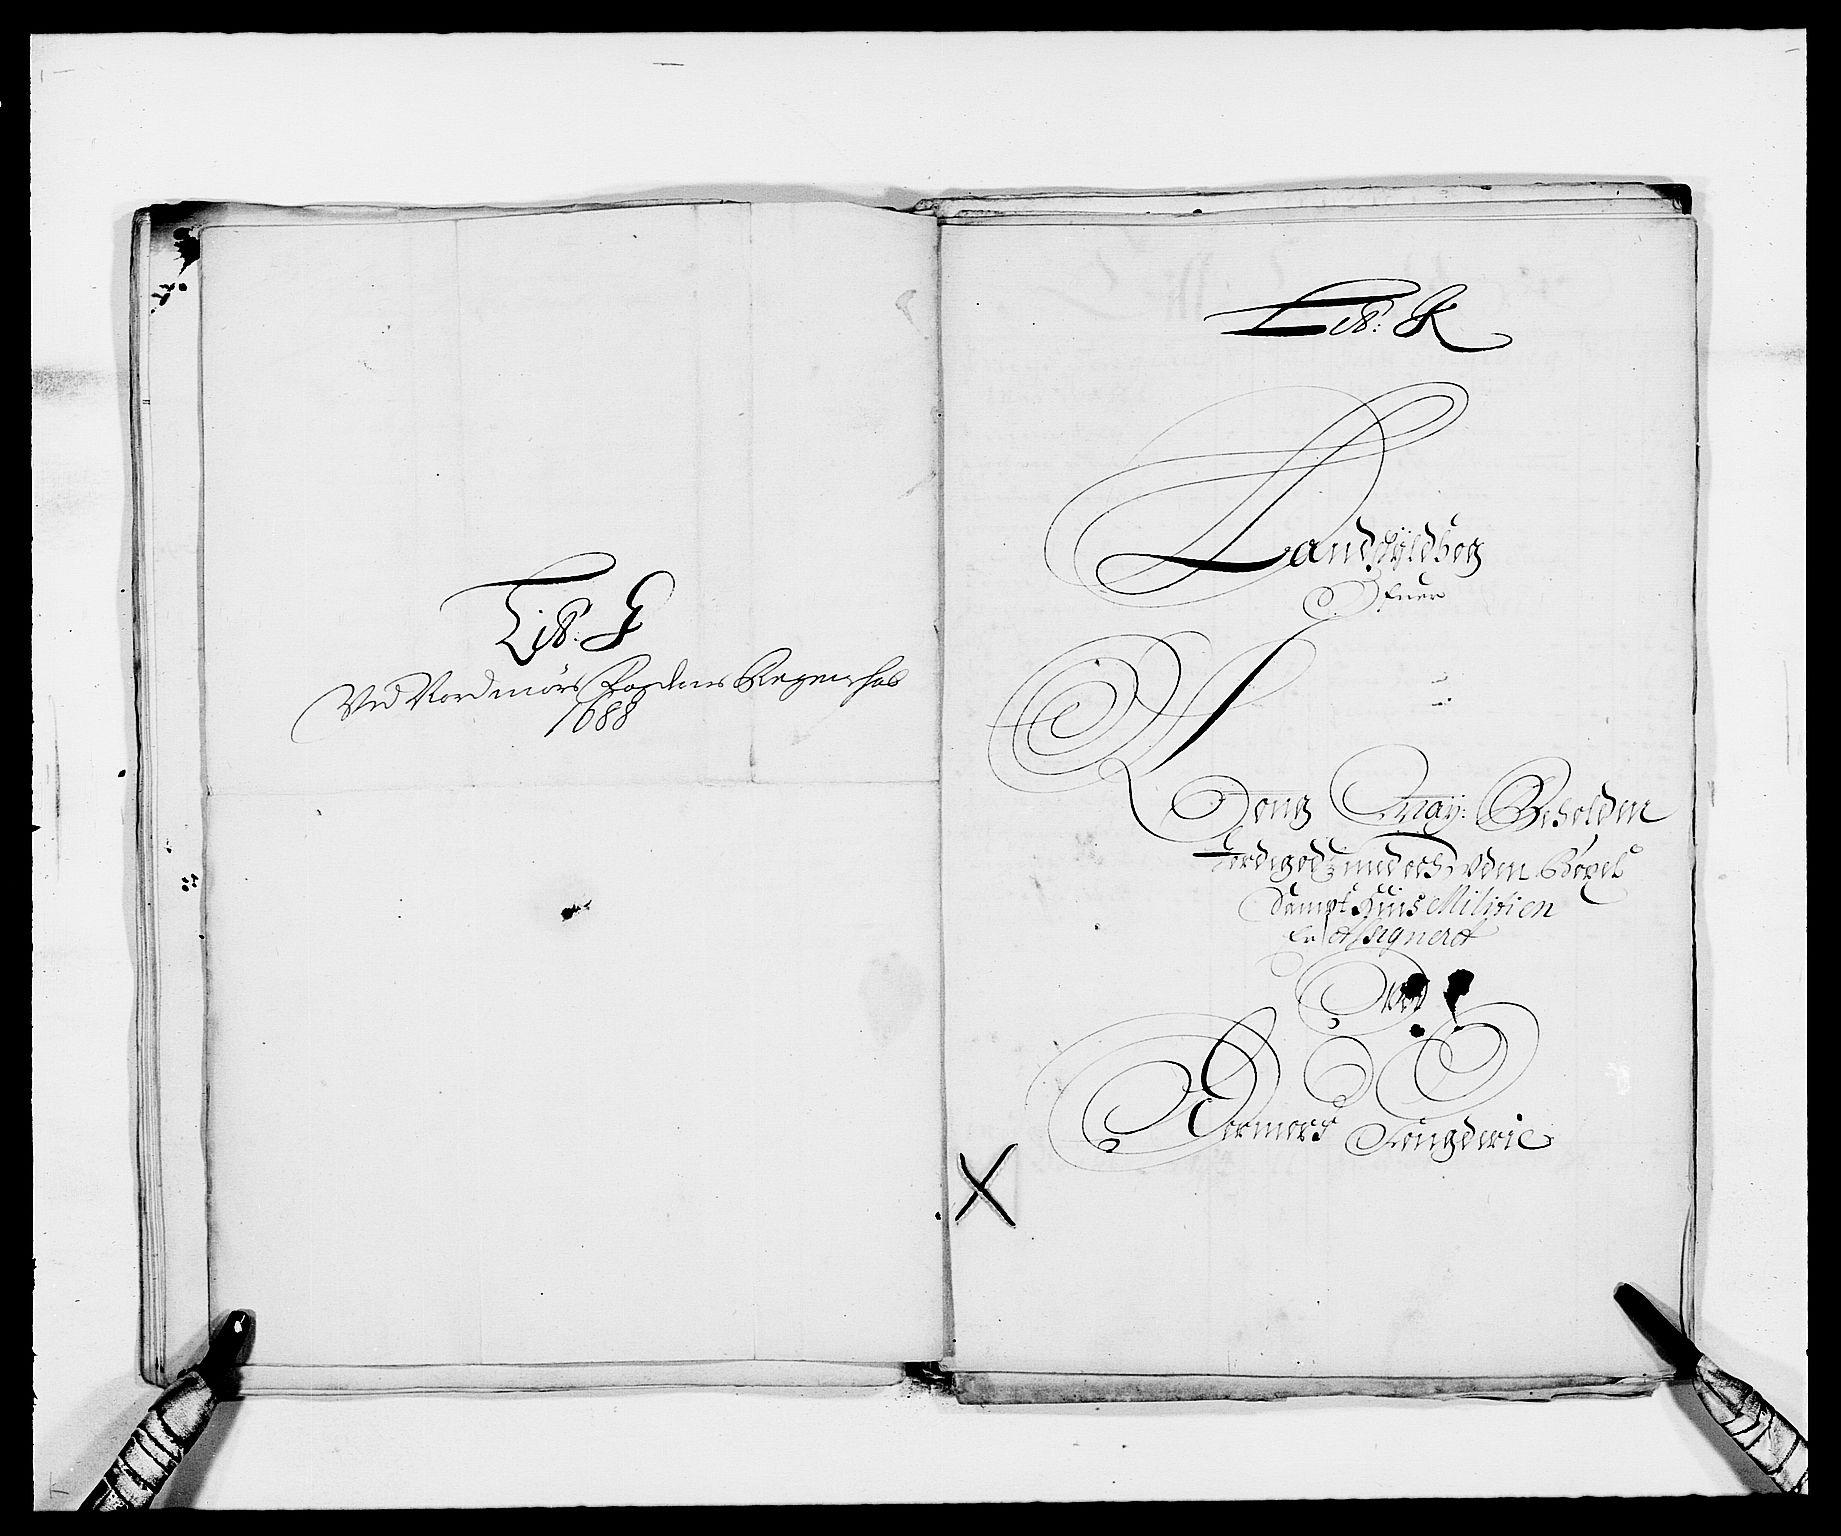 RA, Rentekammeret inntil 1814, Reviderte regnskaper, Fogderegnskap, R56/L3733: Fogderegnskap Nordmøre, 1687-1689, s. 289